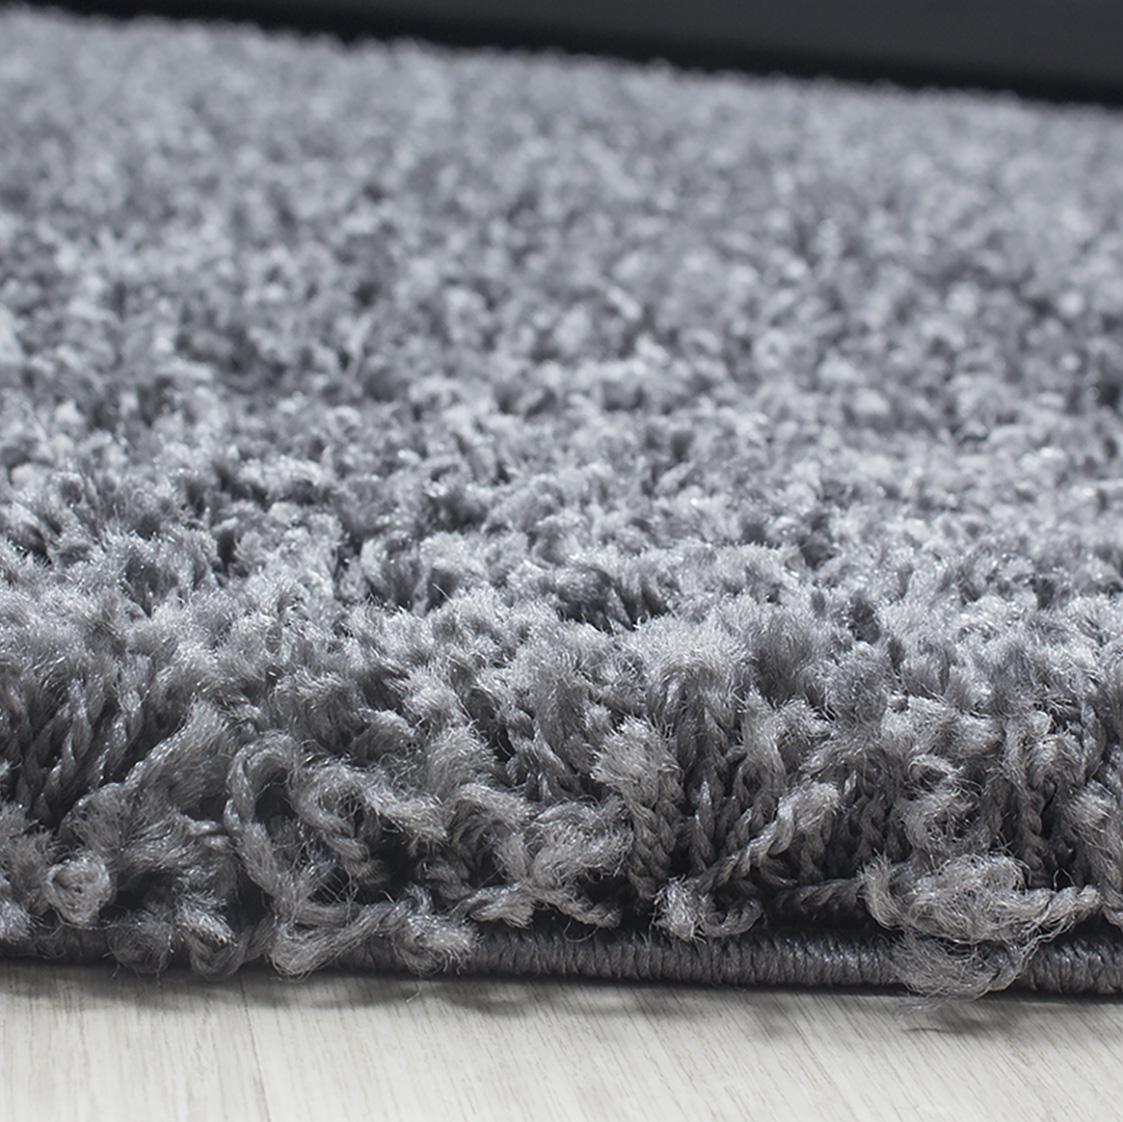 HomebyHome Hochflor Shaggy Rund Teppich Teppich Teppich Carpet Wohnzimmer vers. Farben & Größen, Farbe Beige, Größe 200 cm Rund B06XSTP1QF Teppiche c06389